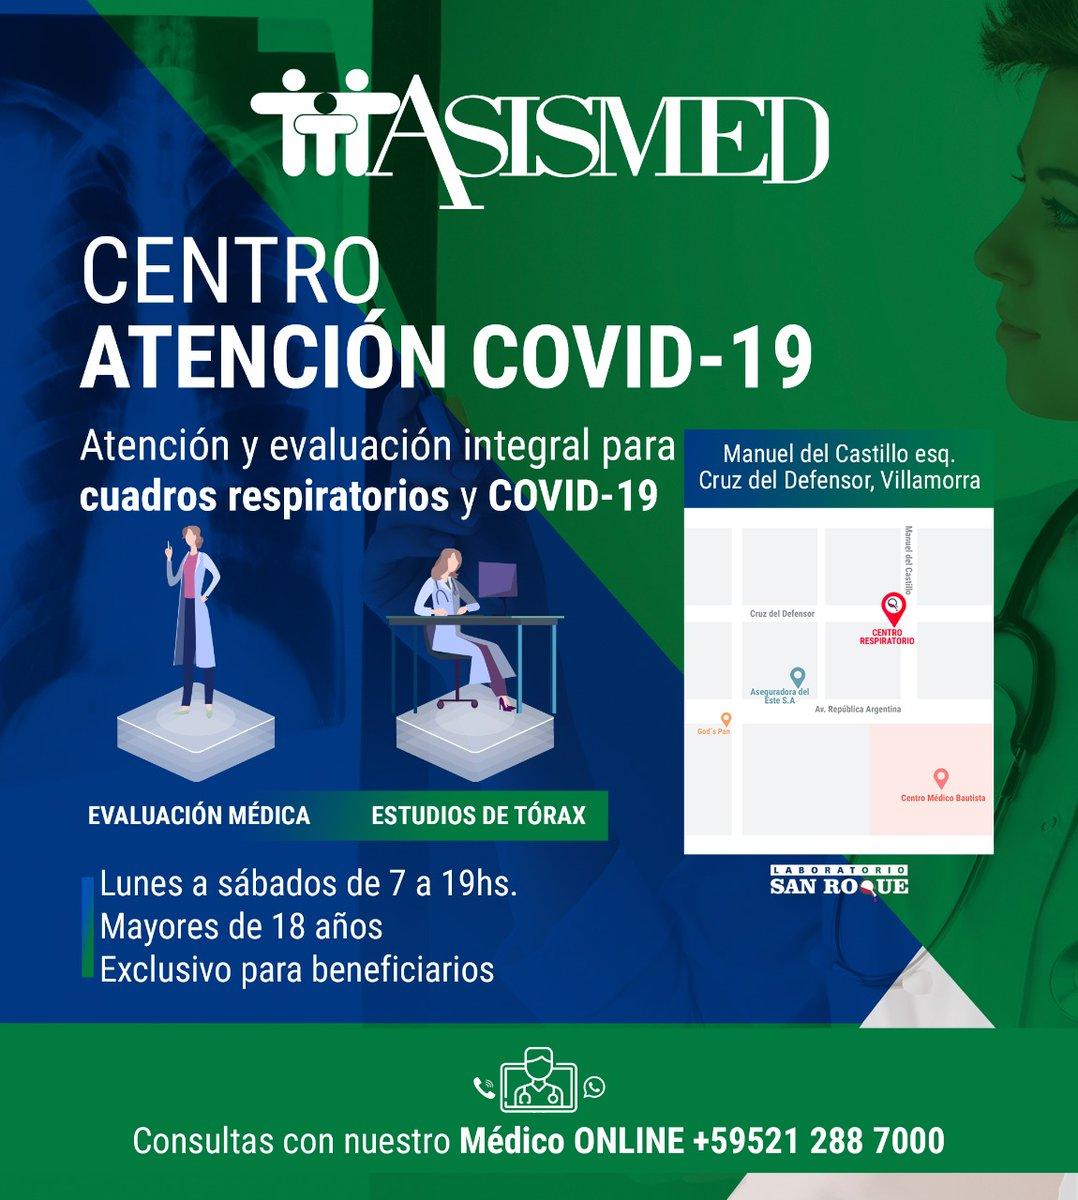 ¡Desde el lunes 13 de julio nuevo servicio ambulatorio de atención para casos sospechosos de COVID-19!  Si presentas síntomas de cuadros respiratorios acércate al Centro de Atención COVID-19 donde realizamos la atención, evaluación y estudios.   📲 Médico Online 0212887000 https://t.co/dy0661ckUh